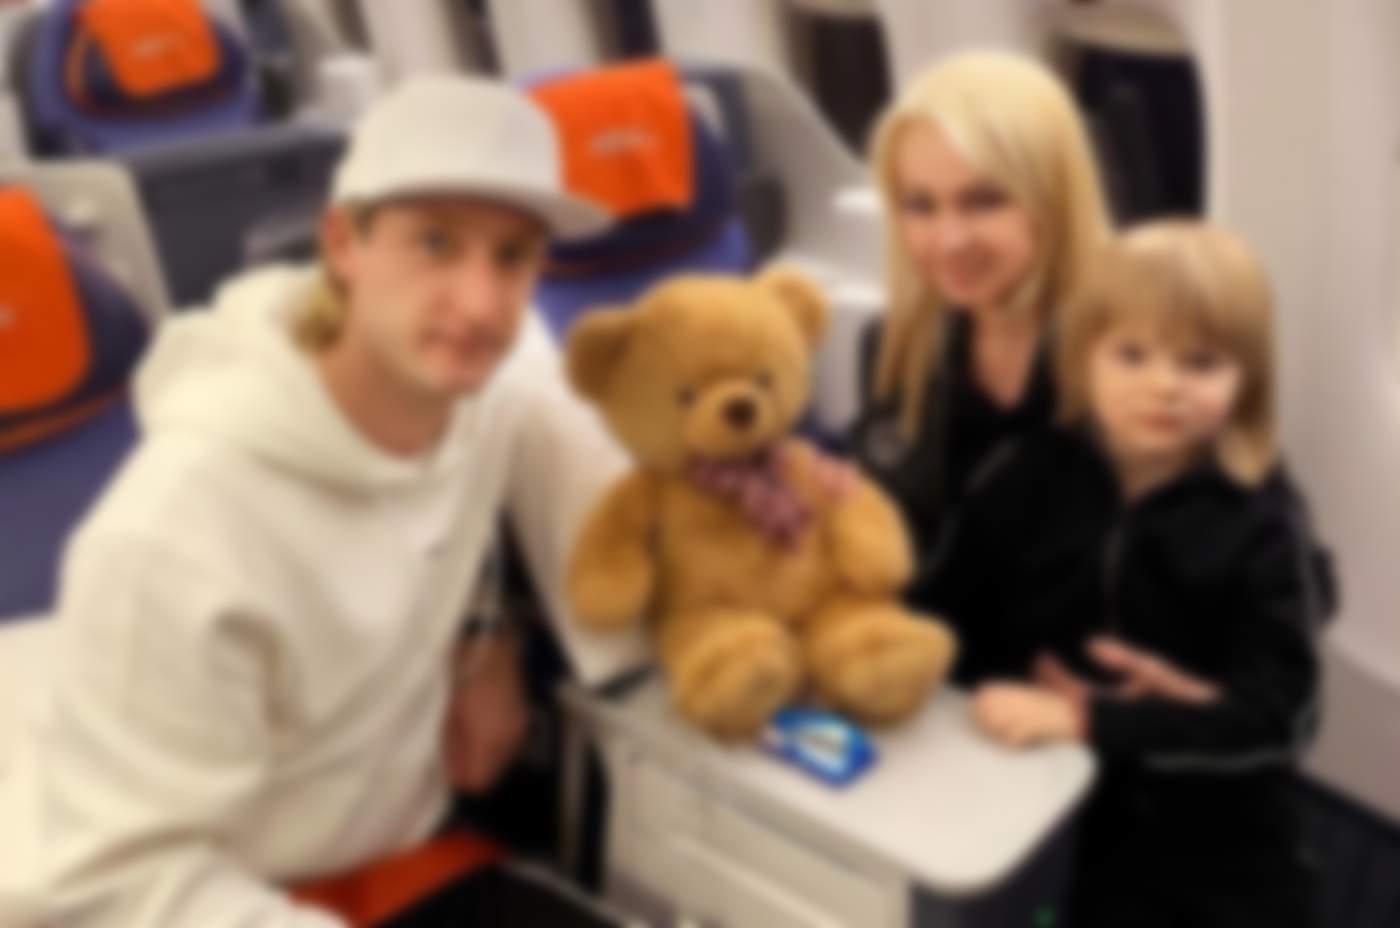 евгений плющенко с сыном последние фото